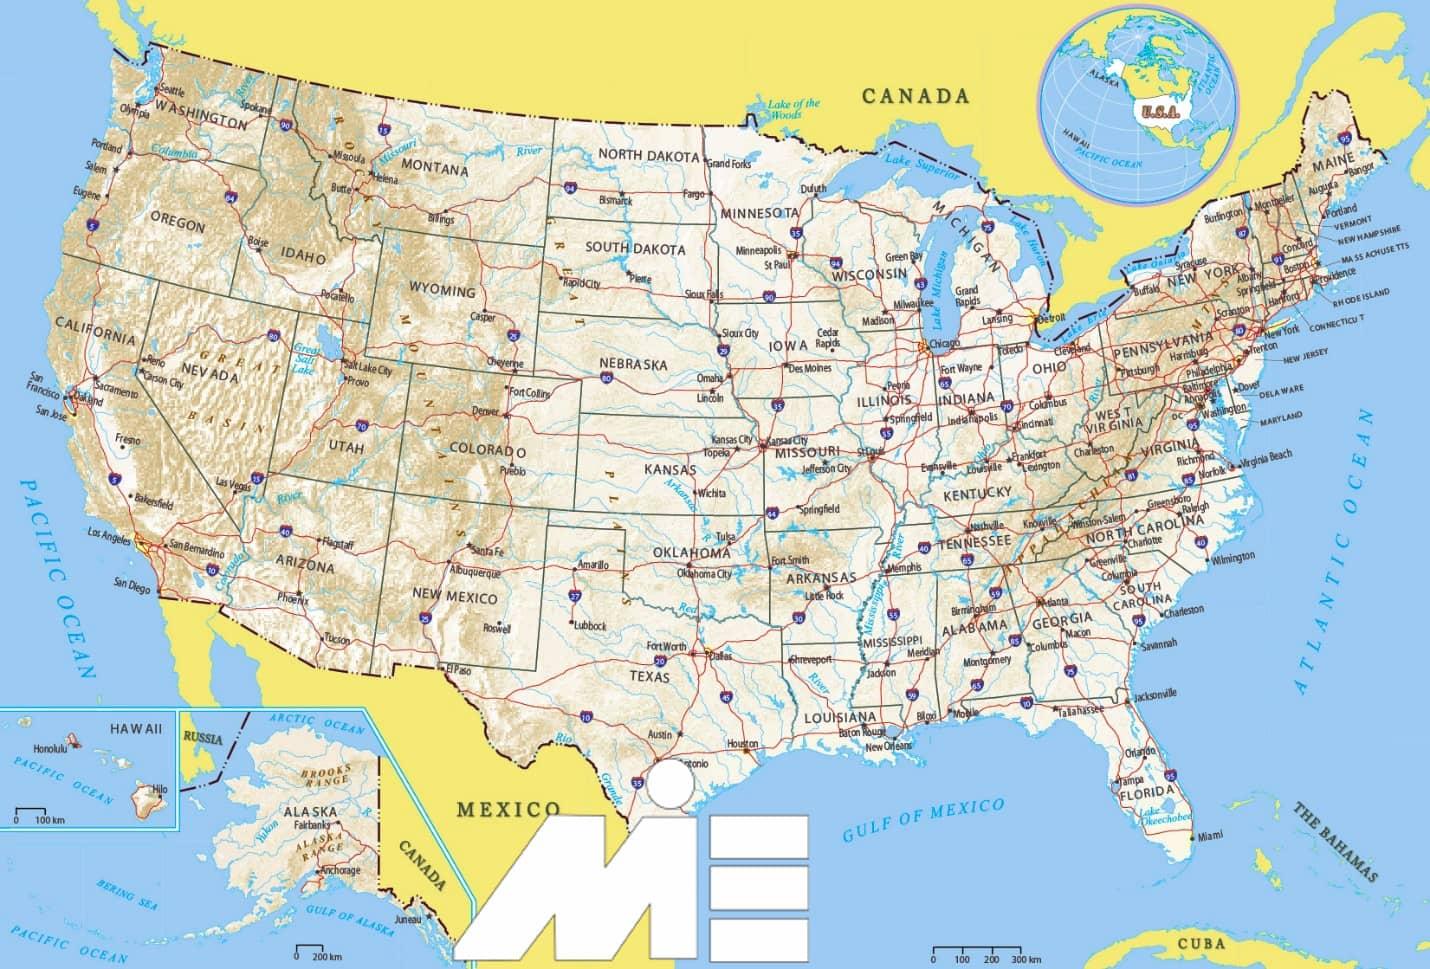 نقشه ایالات متحده آمریکا - جغرافیای آمریکا - شهرهای آمریکا - آمریکا کجاست؟